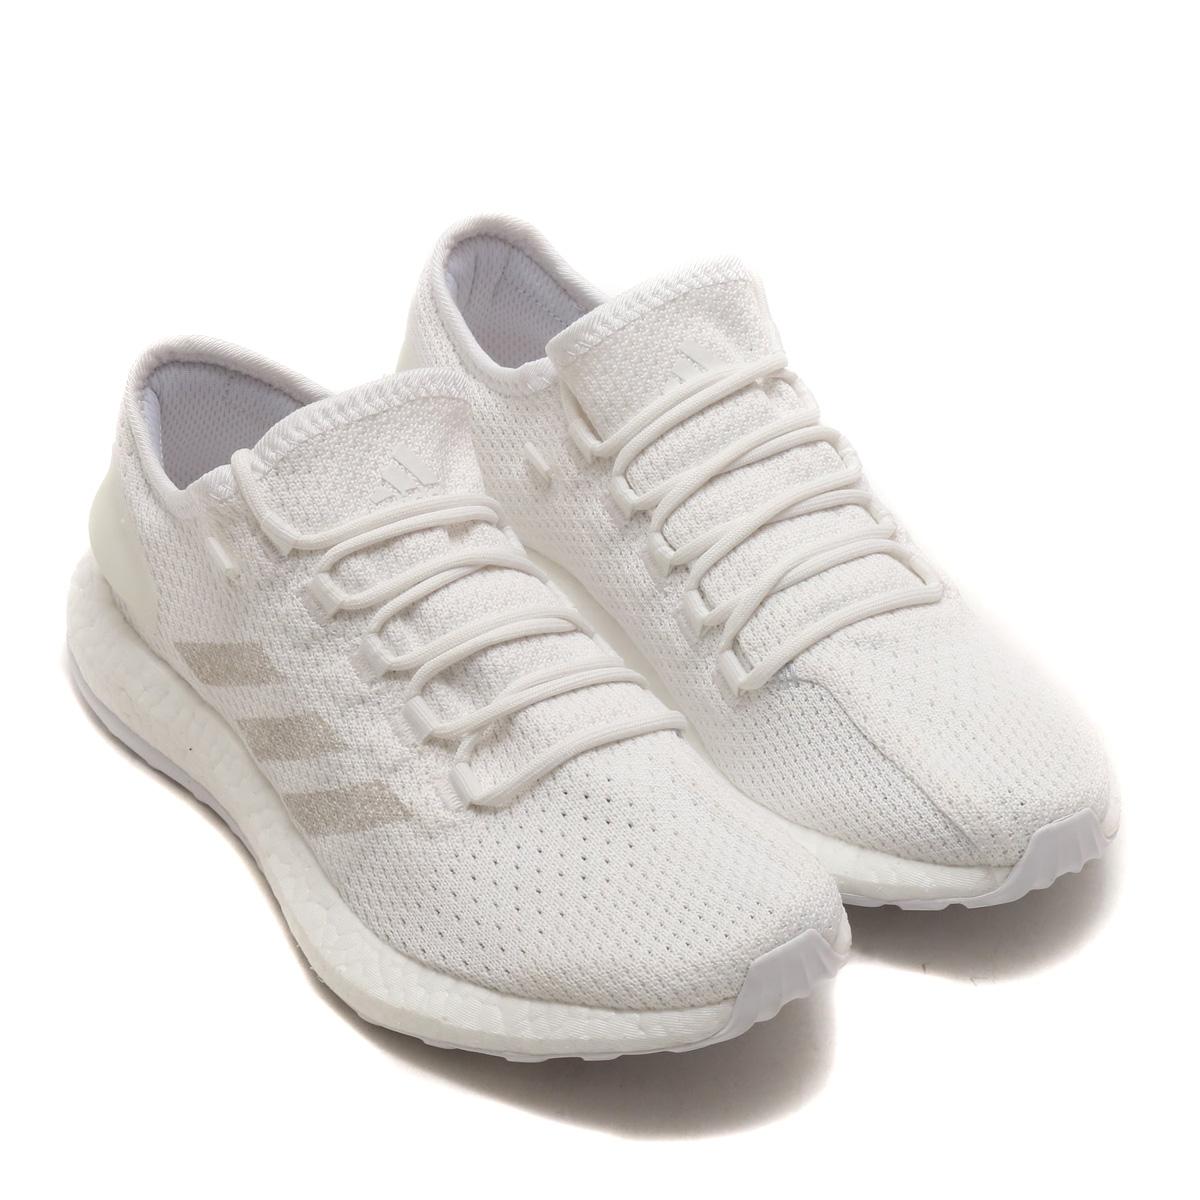 adidas Originals PureBOOST CLIMA(アディダス オリジナルス ピュアブースト クライマ)(ランニングホワイト/グレーワンF17/クリスタルホワイト S16)18SS-I